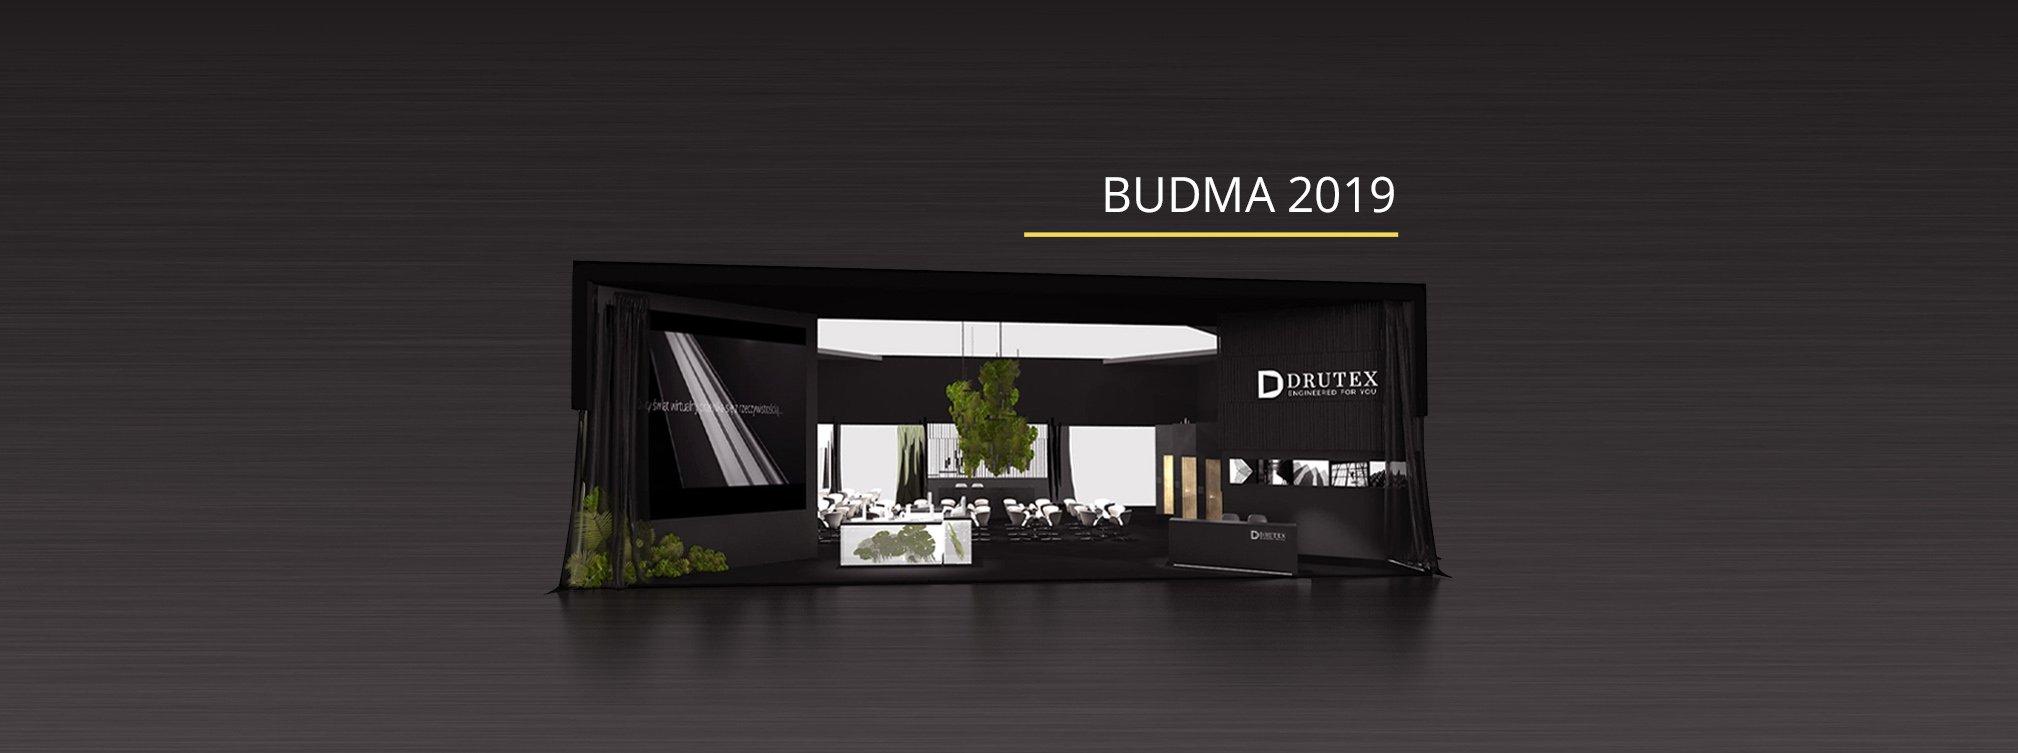 Budma 2019: Drutex Alla Fiera Budma Di Poznań